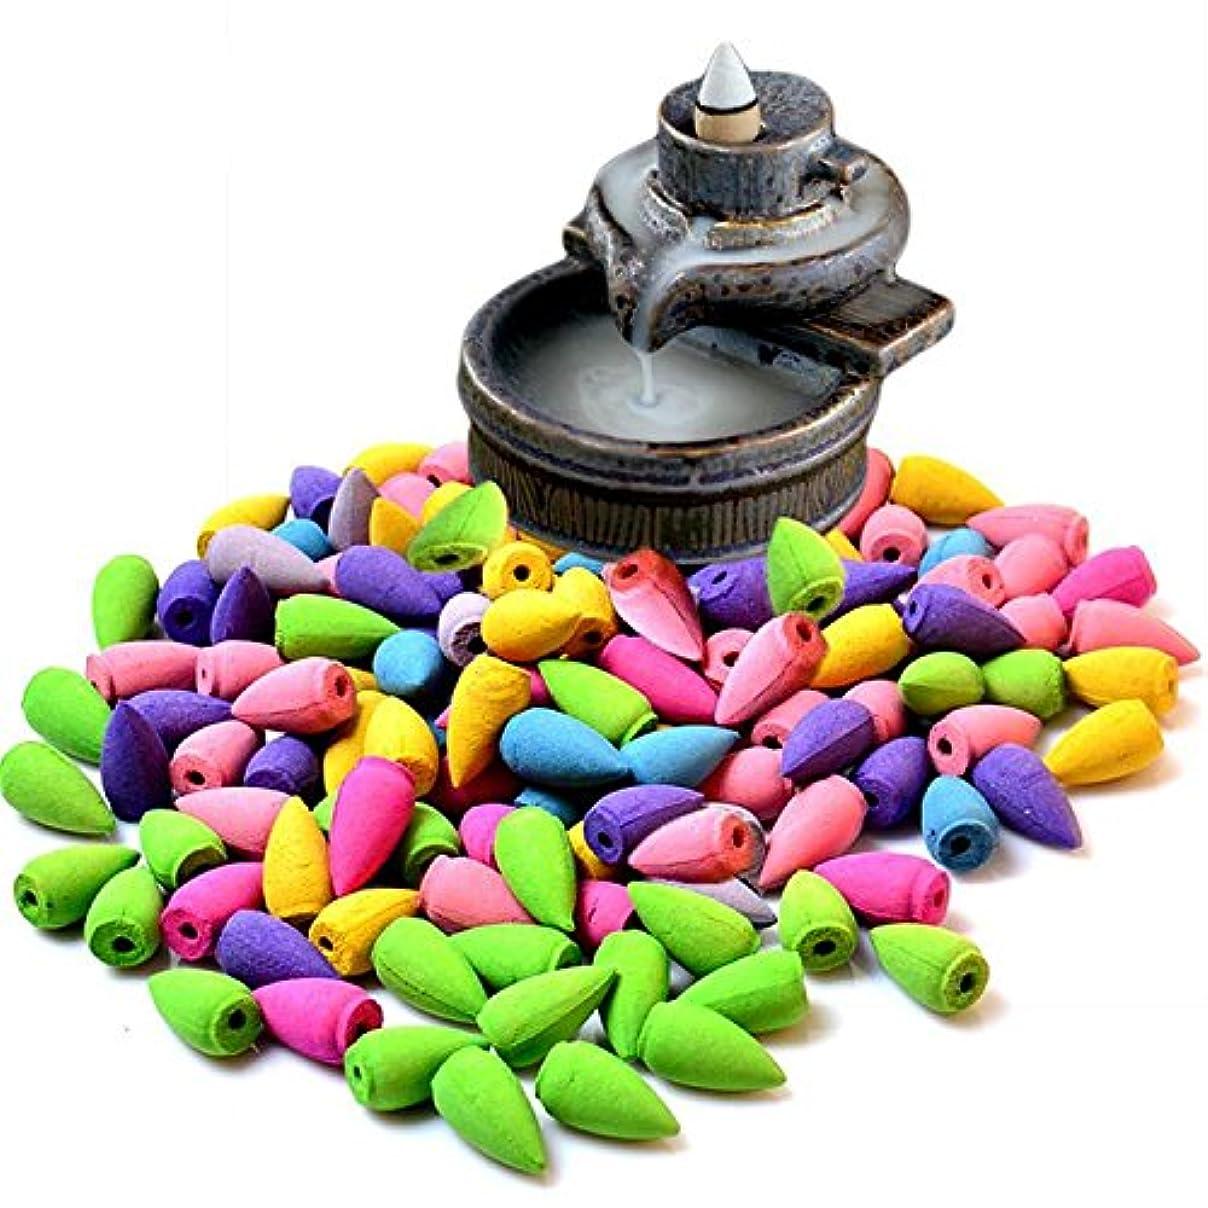 ファンネルウェブスパイダー鋭く伝染性ECYC Rerro  陶器の香炉 室内用バックフローつり香炉 アロマセラピー用の香立て  収集可能 B01LC3EI7O